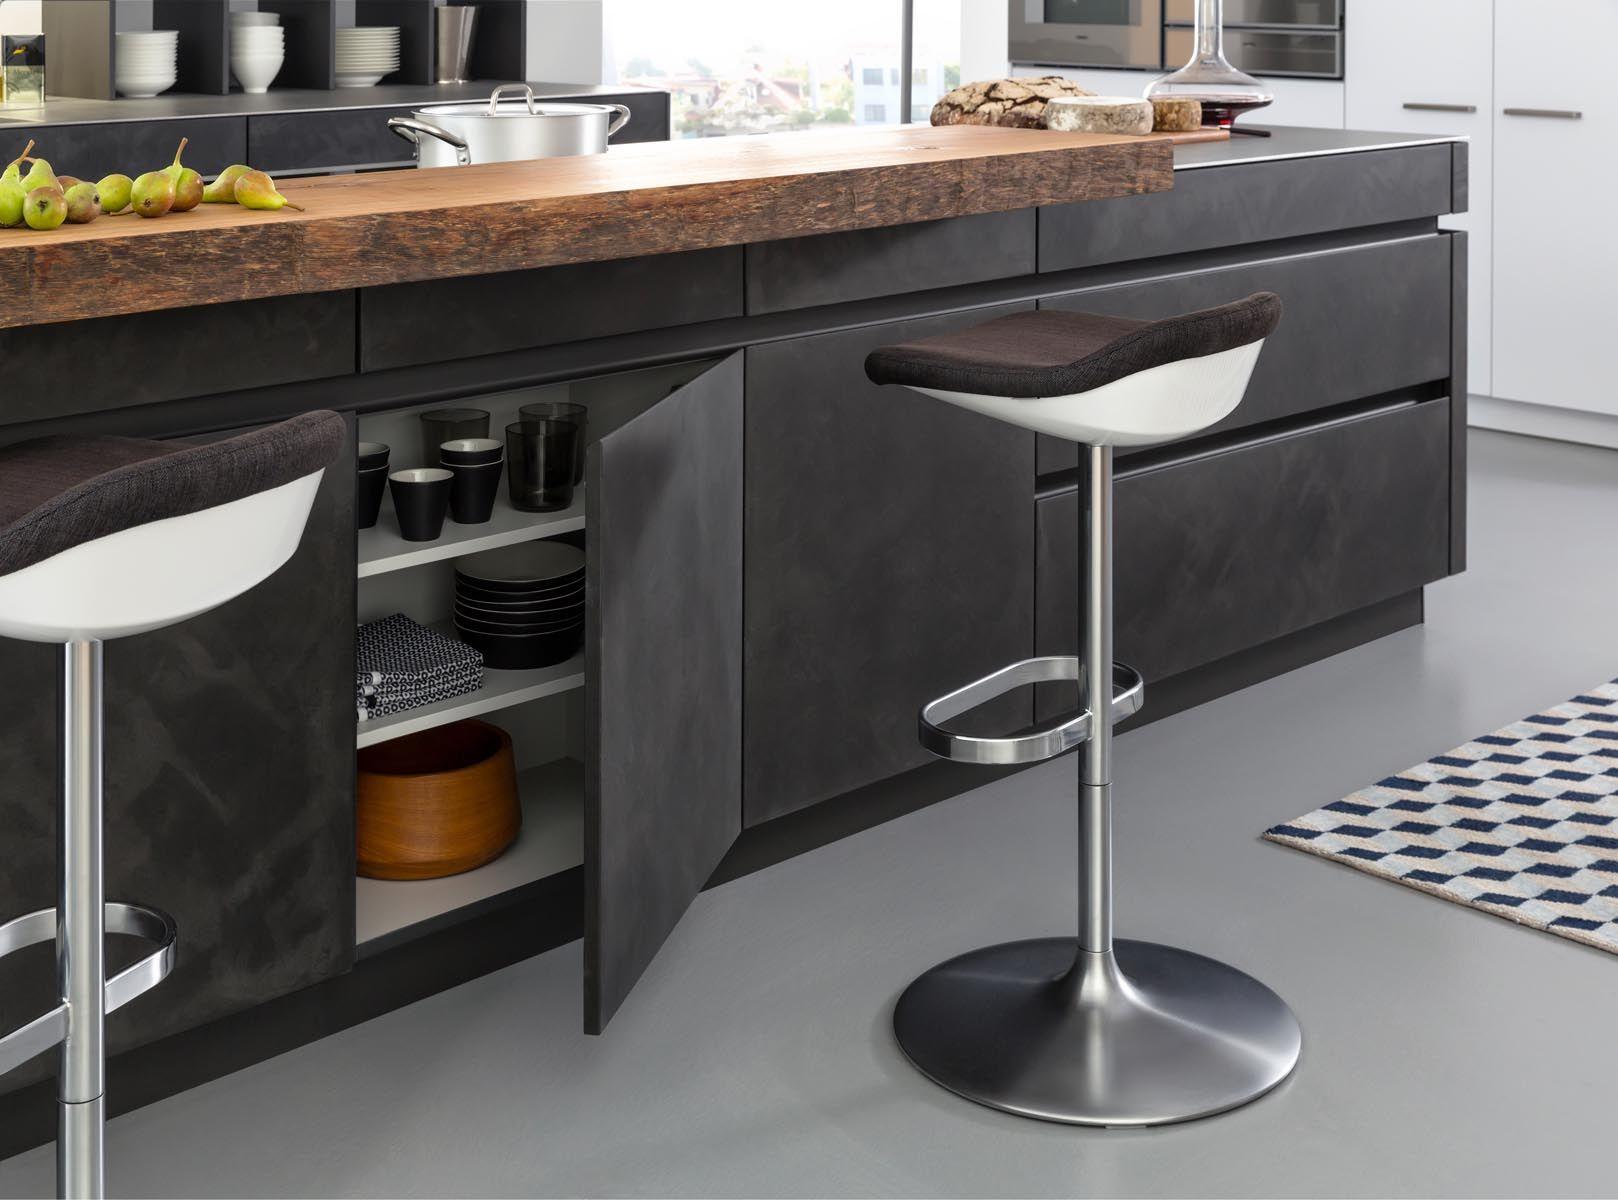 Mesmerizing Küche Boden Reference Of Bildergebnis Für Schwarze Küche Beton